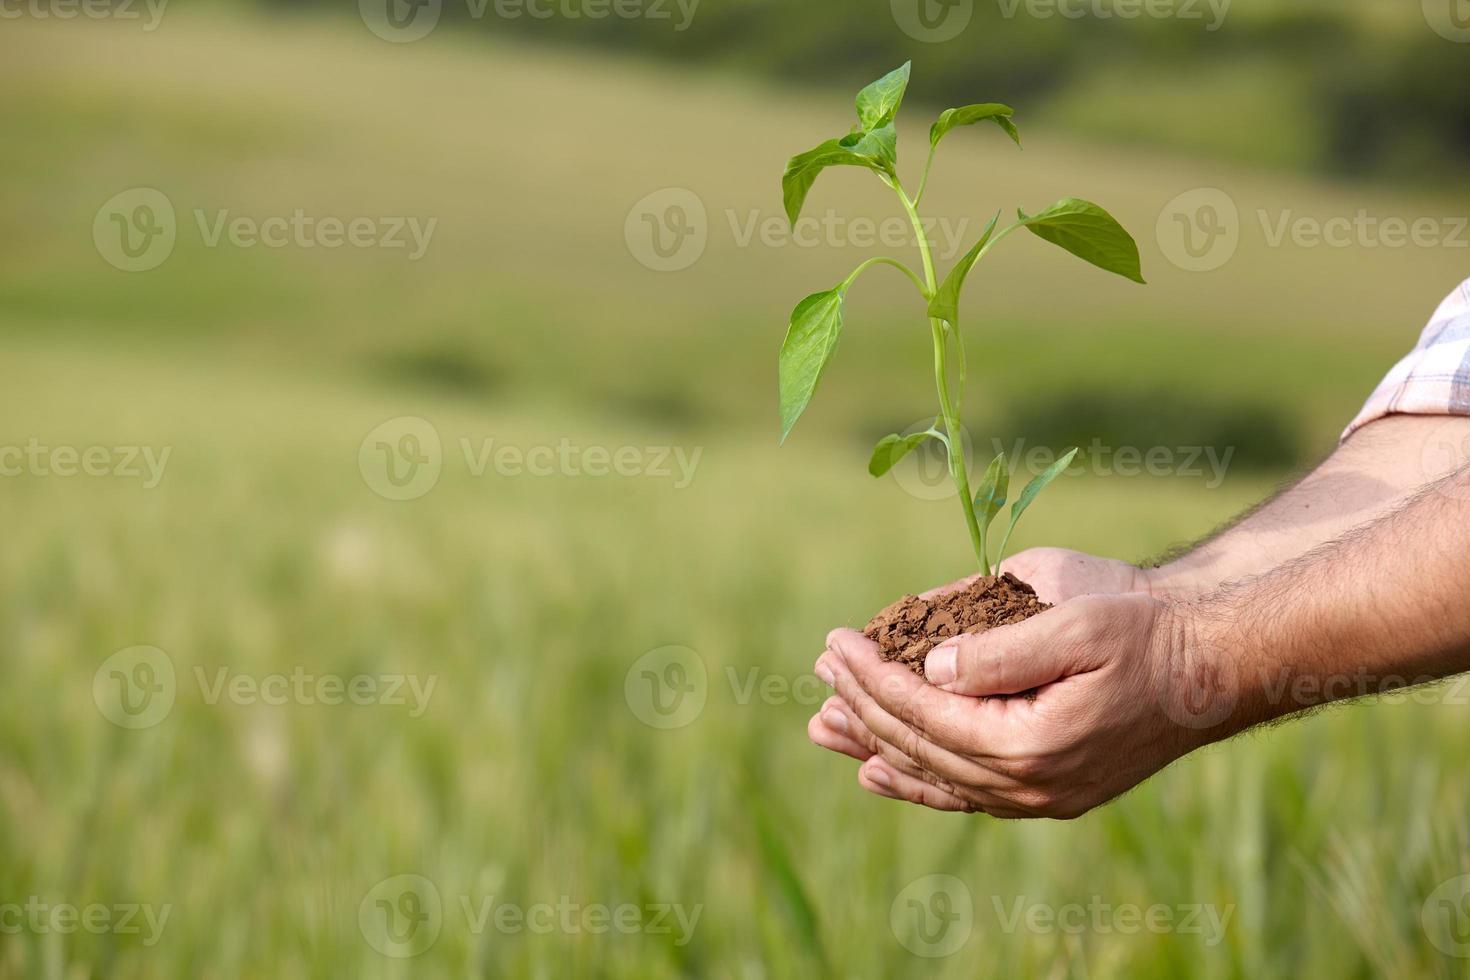 Mannhände, die eine Pflanze halten. Ökologiekonzept foto